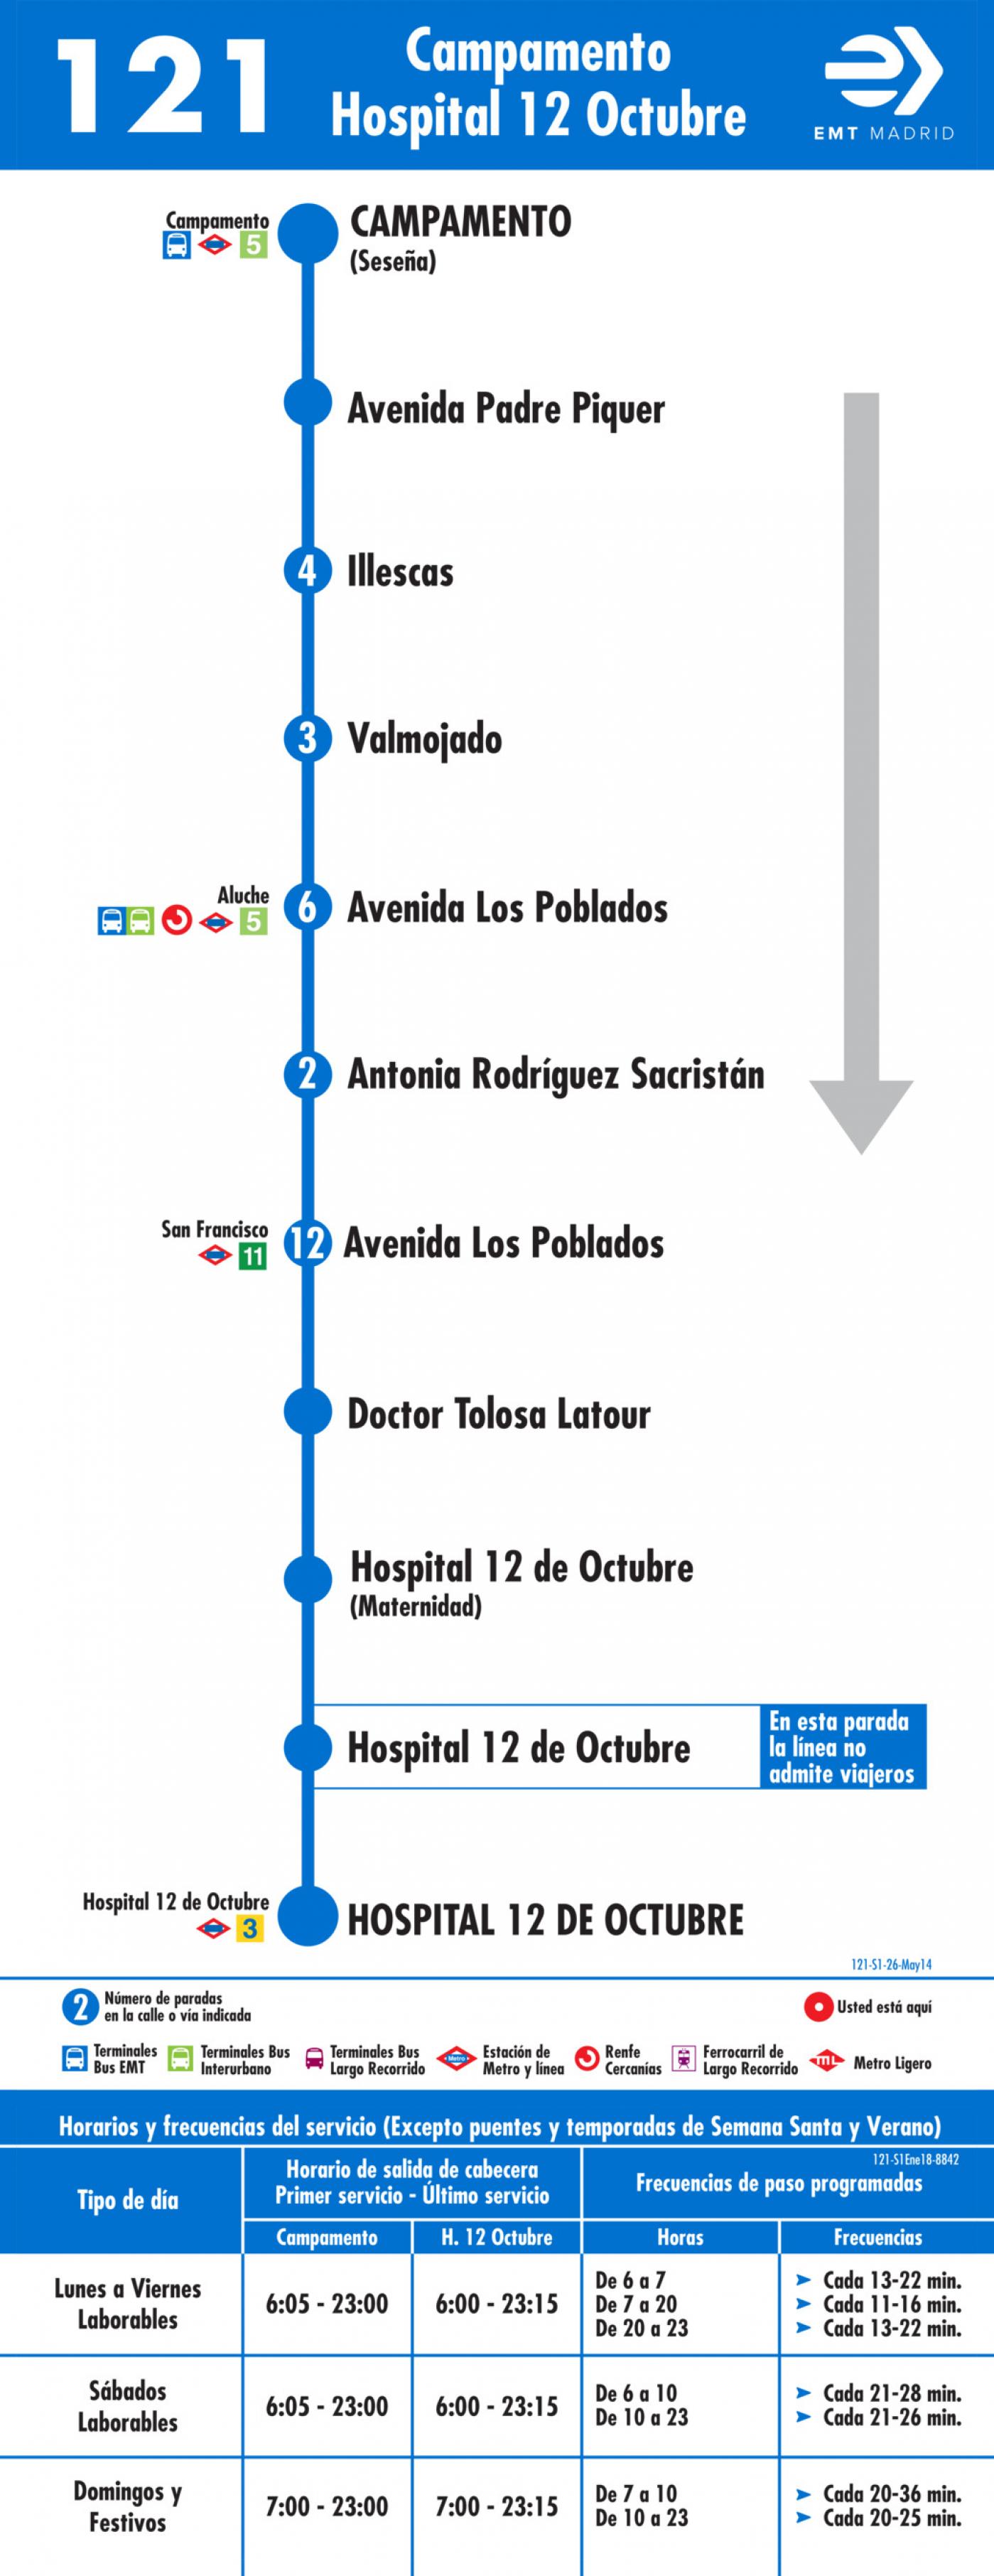 Tabla de horarios y frecuencias de paso en sentido ida Línea 121: Campamento - Hospital 12 de Octubre